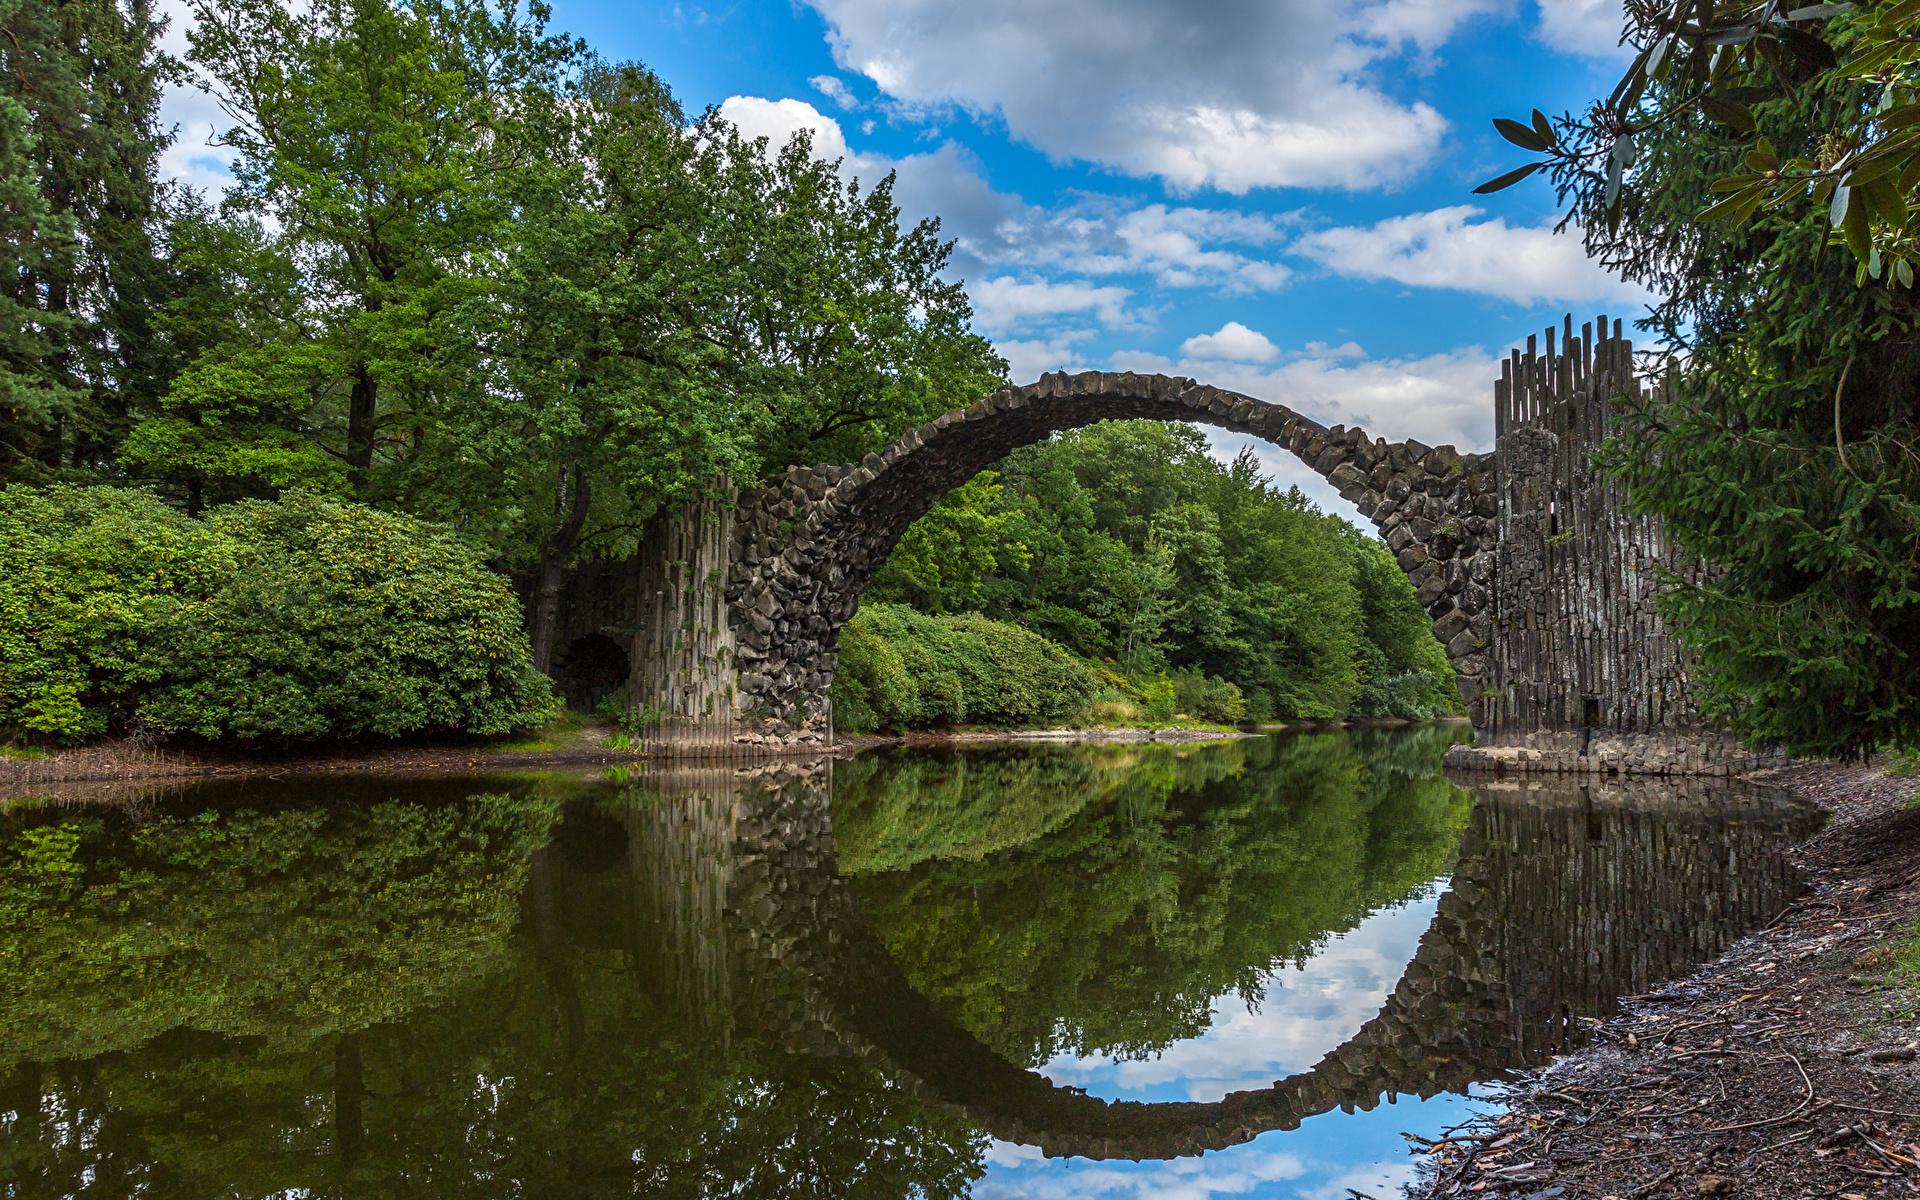 Images Germany Nature Bridges Rivers 1920x1200 bridge river